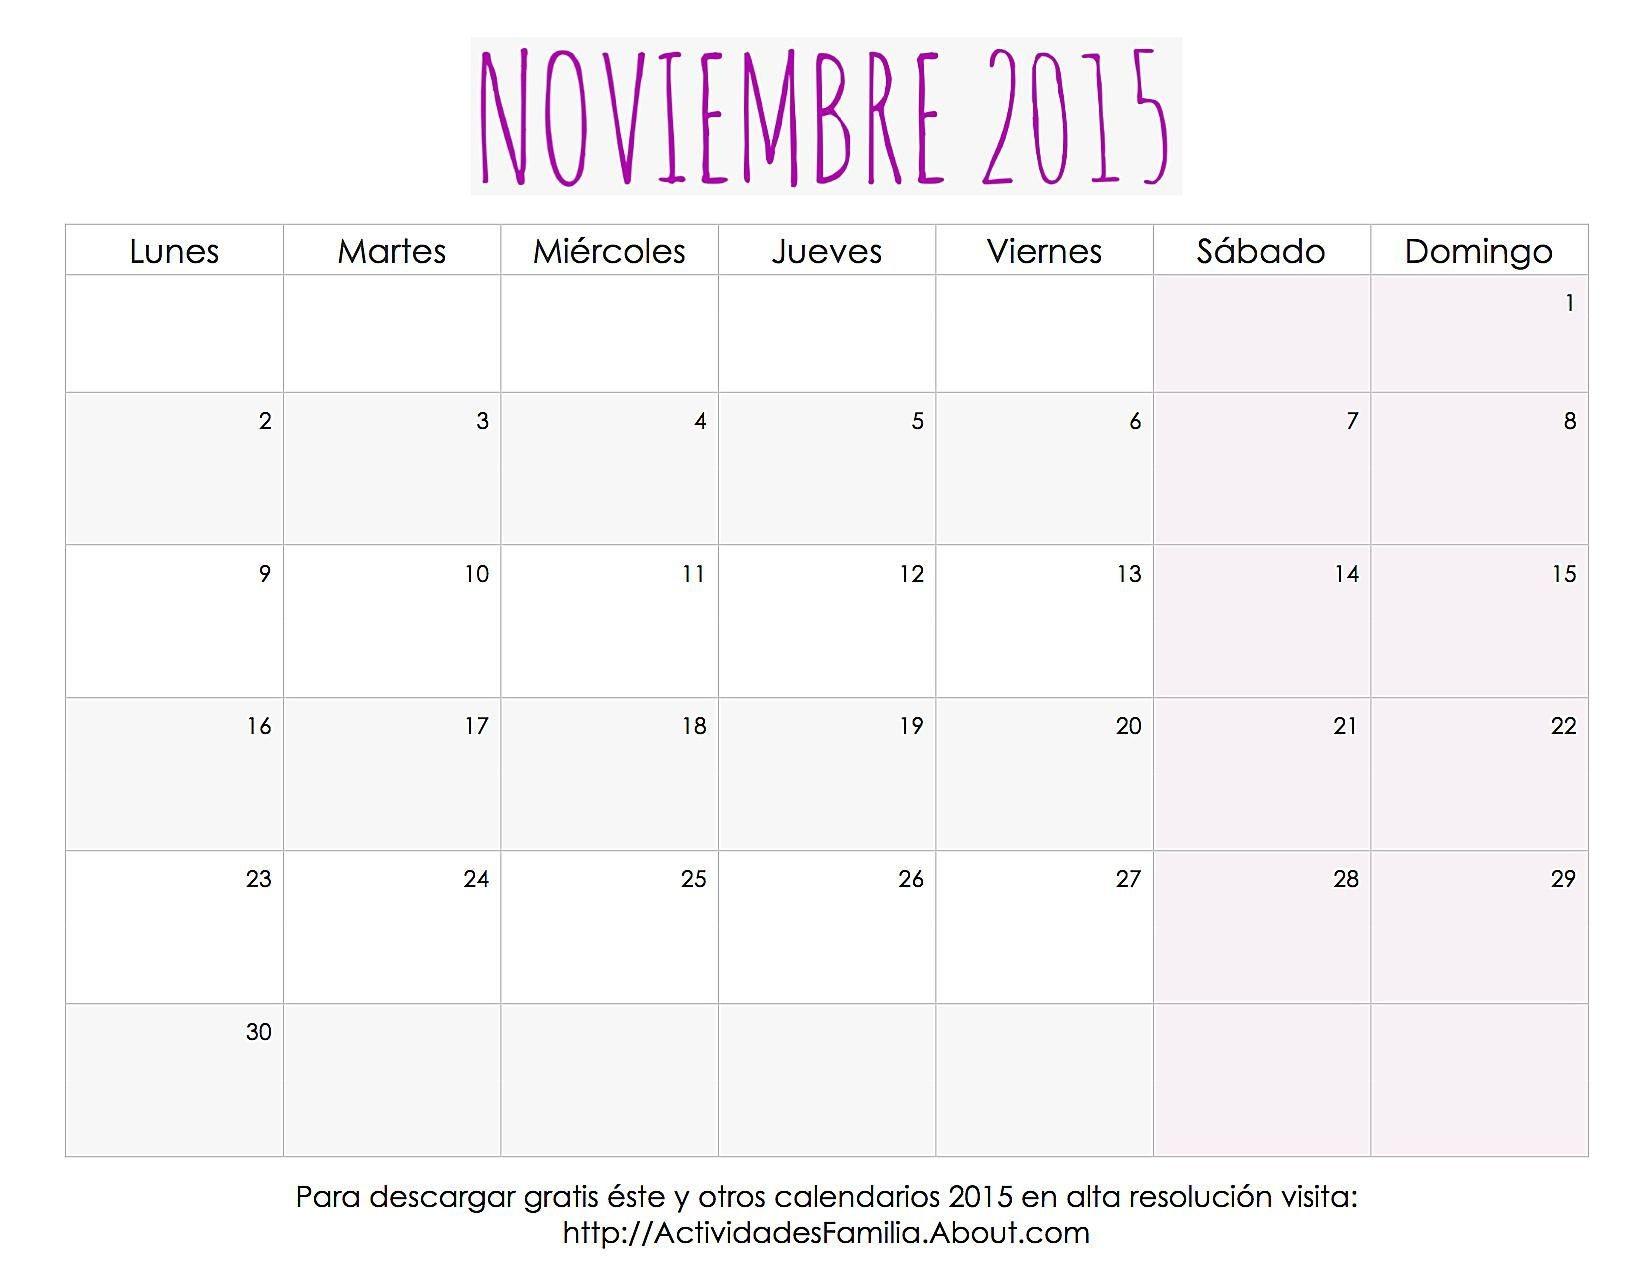 Calendario Para Imprimir Com Feriados 2017 Más Arriba-a-fecha Calendario De Festividades En Noviembre 2015 Of Calendario Para Imprimir Com Feriados 2017 Recientes 2019 2018 Calendar Printable with Holidays List Kalender Kalendar